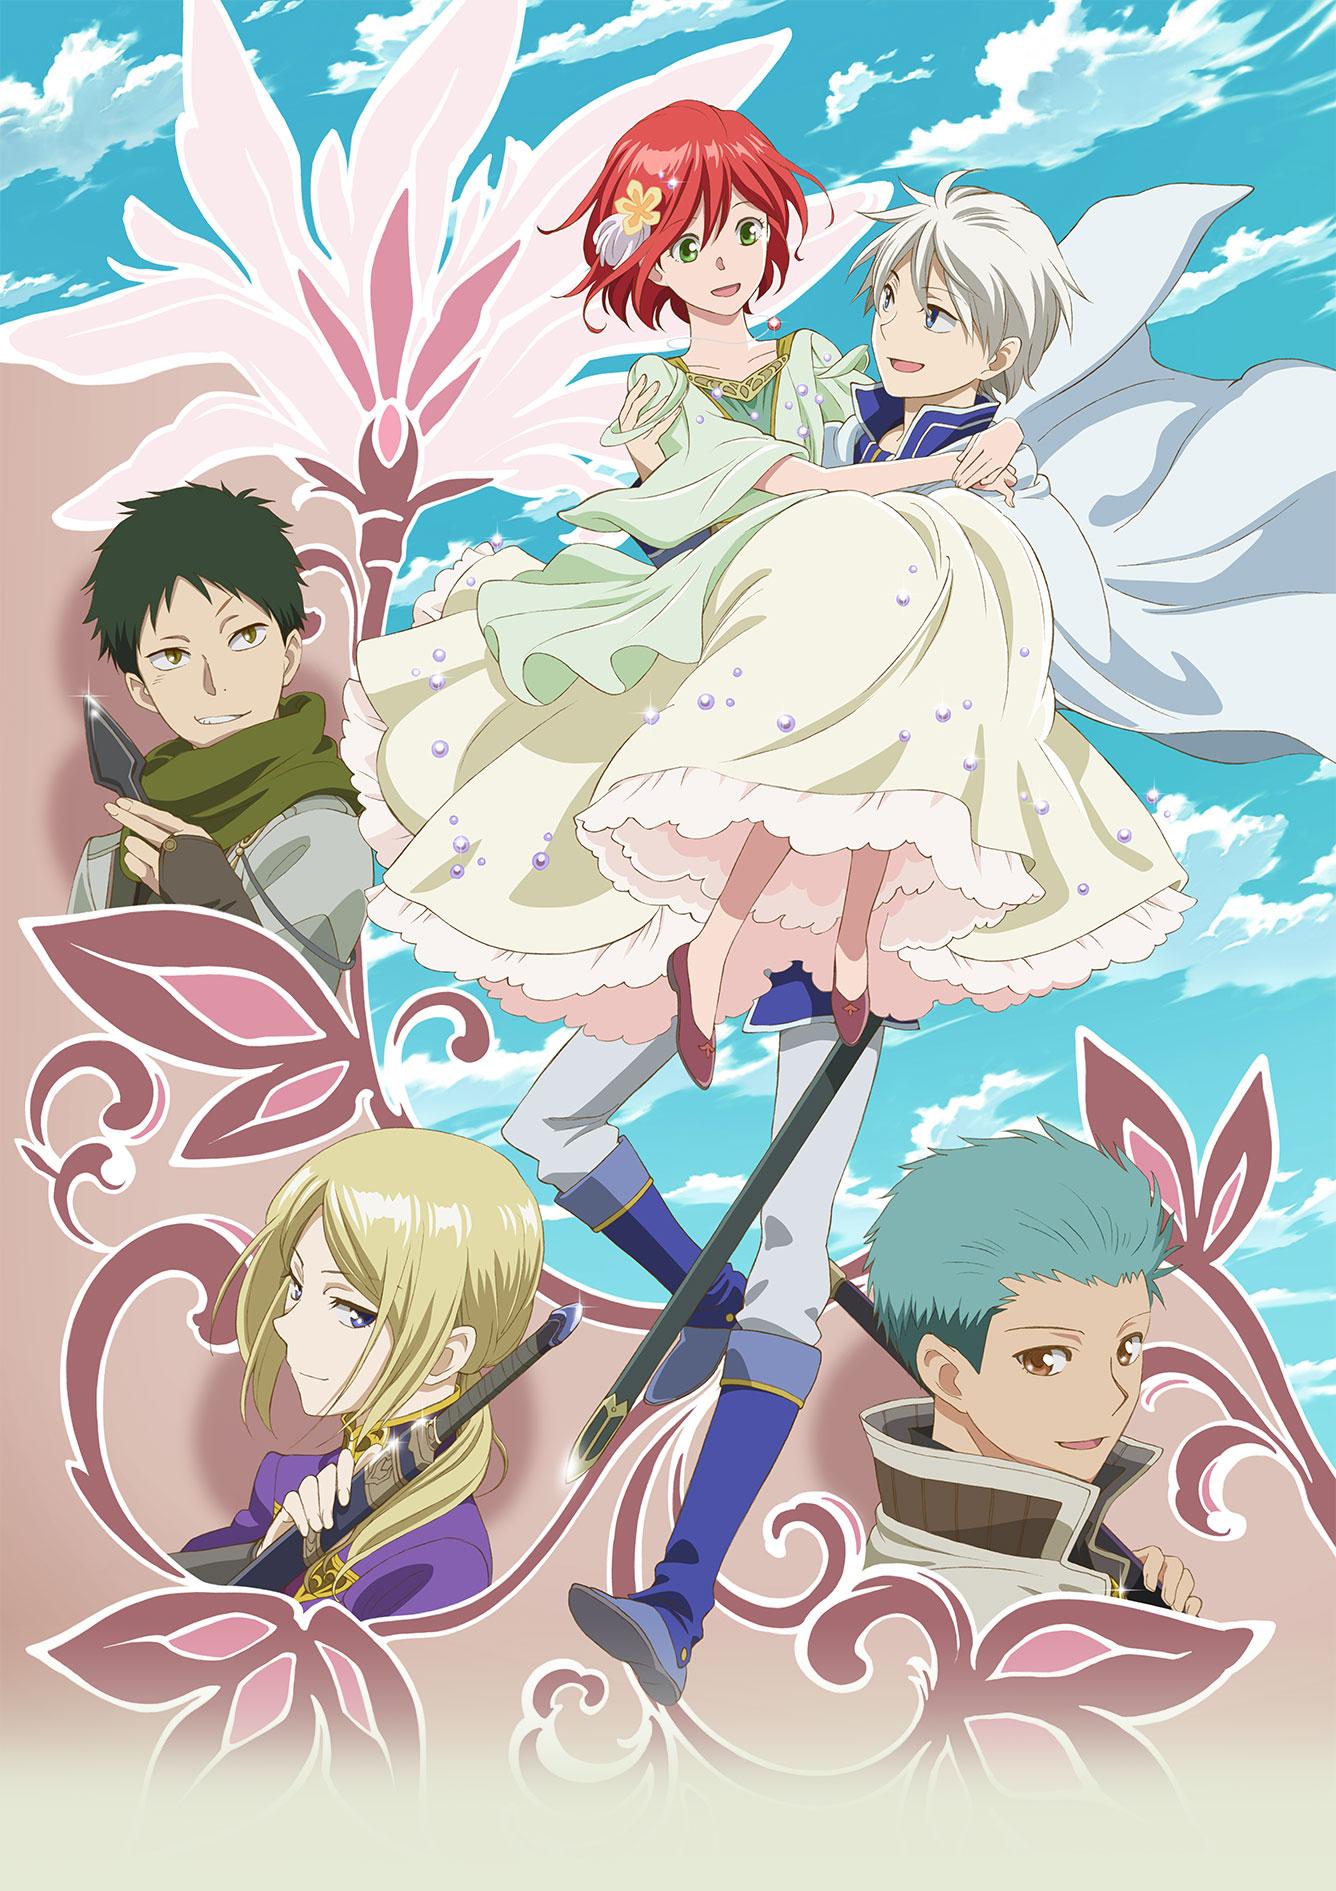 待望のTVアニメスタート!赤髪の白雪姫のキレイで高画質な画像